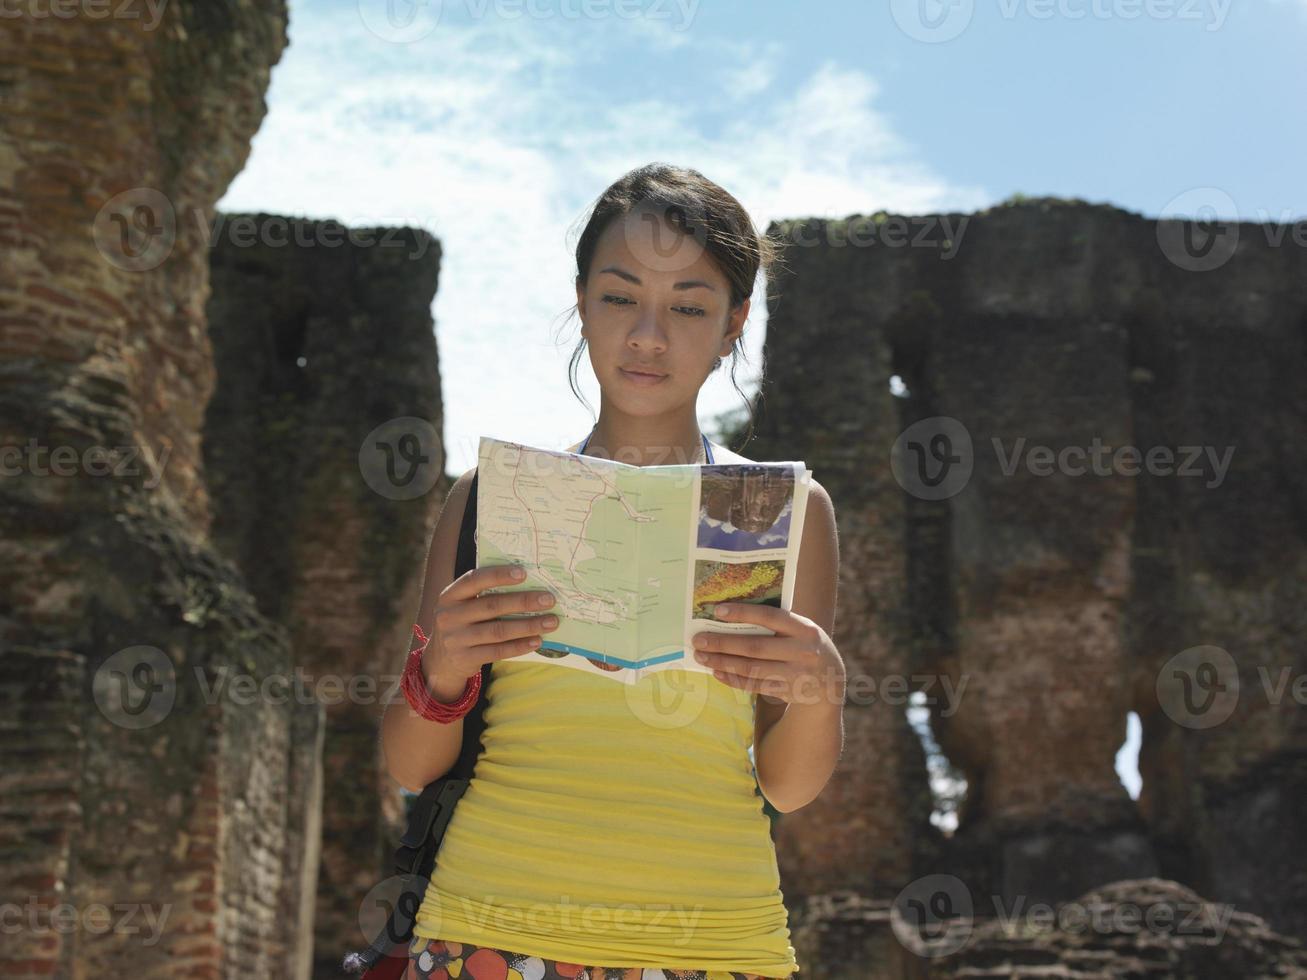 mujer leyendo la guía con ruinas antiguas en segundo plano. foto